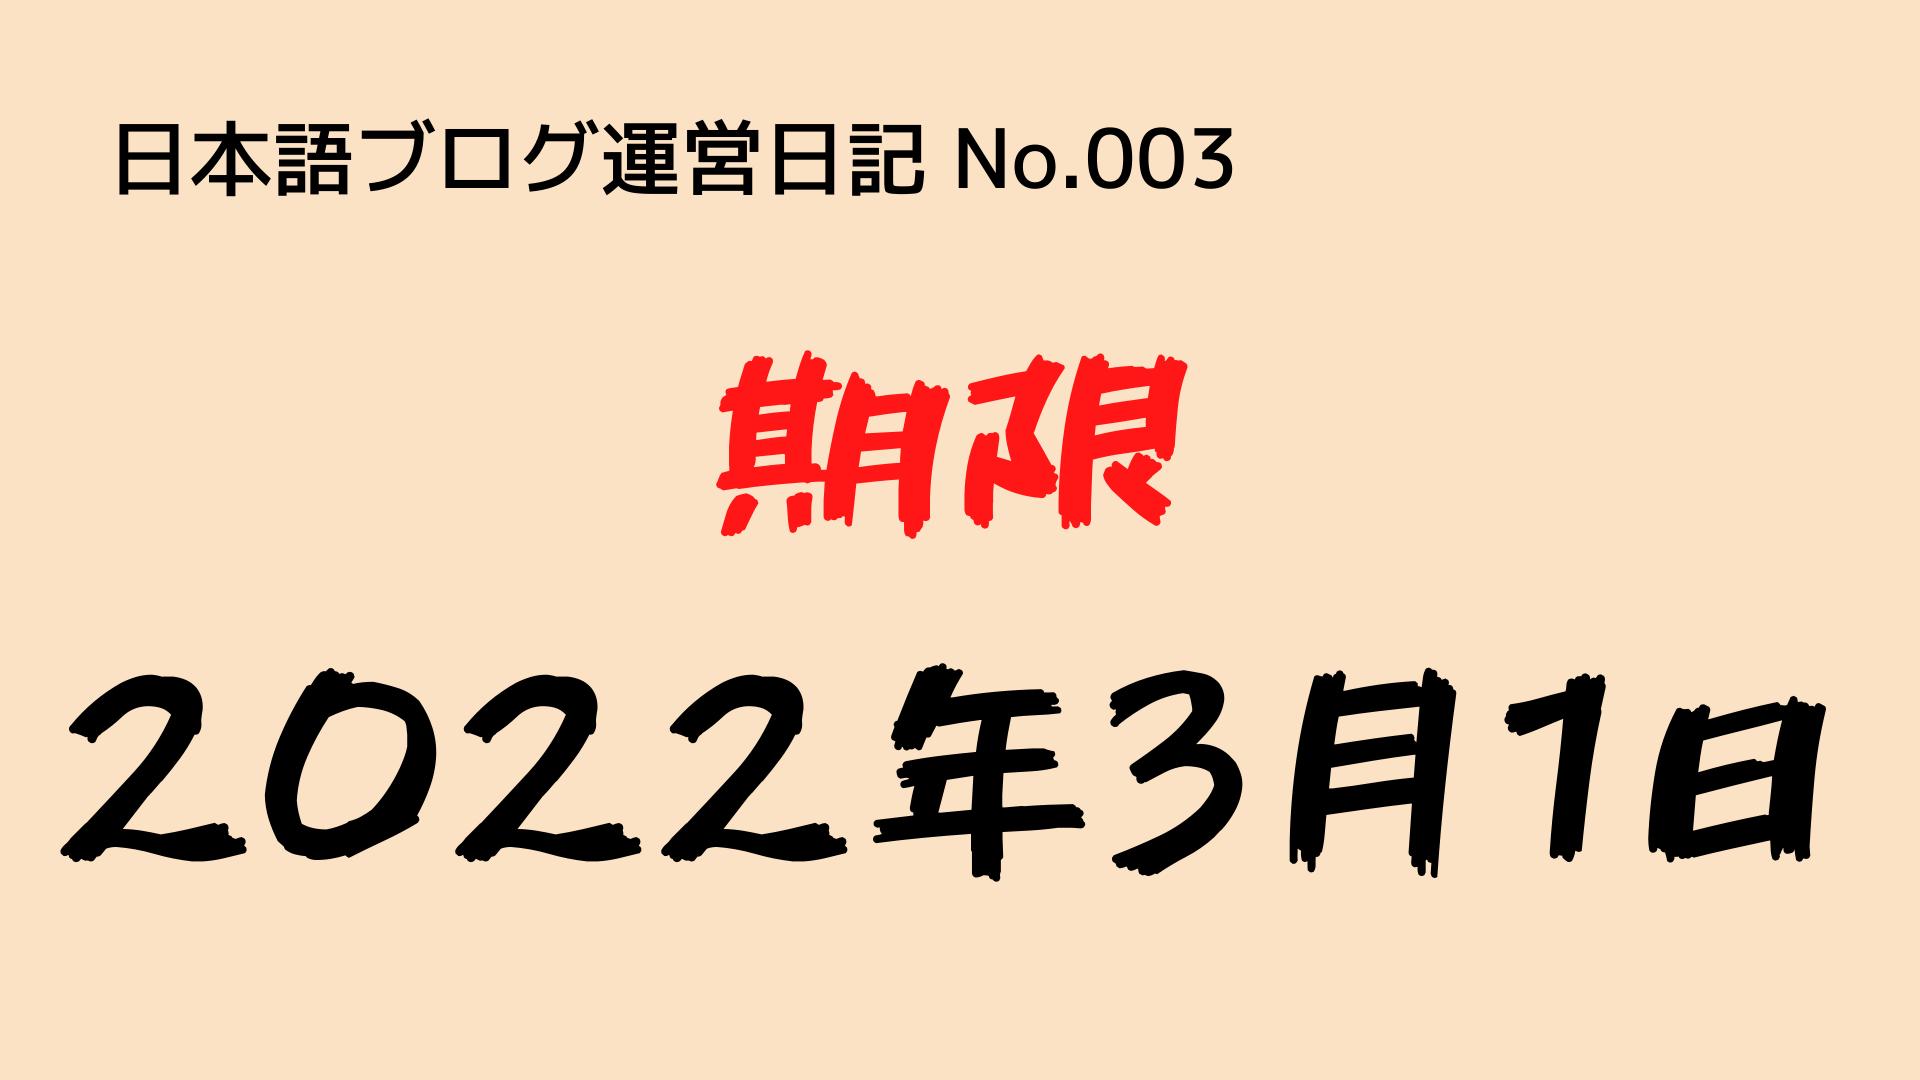 (日本語ブログ運営日記-No.003)いつまでに、『1,000記事』を達成させるのか?